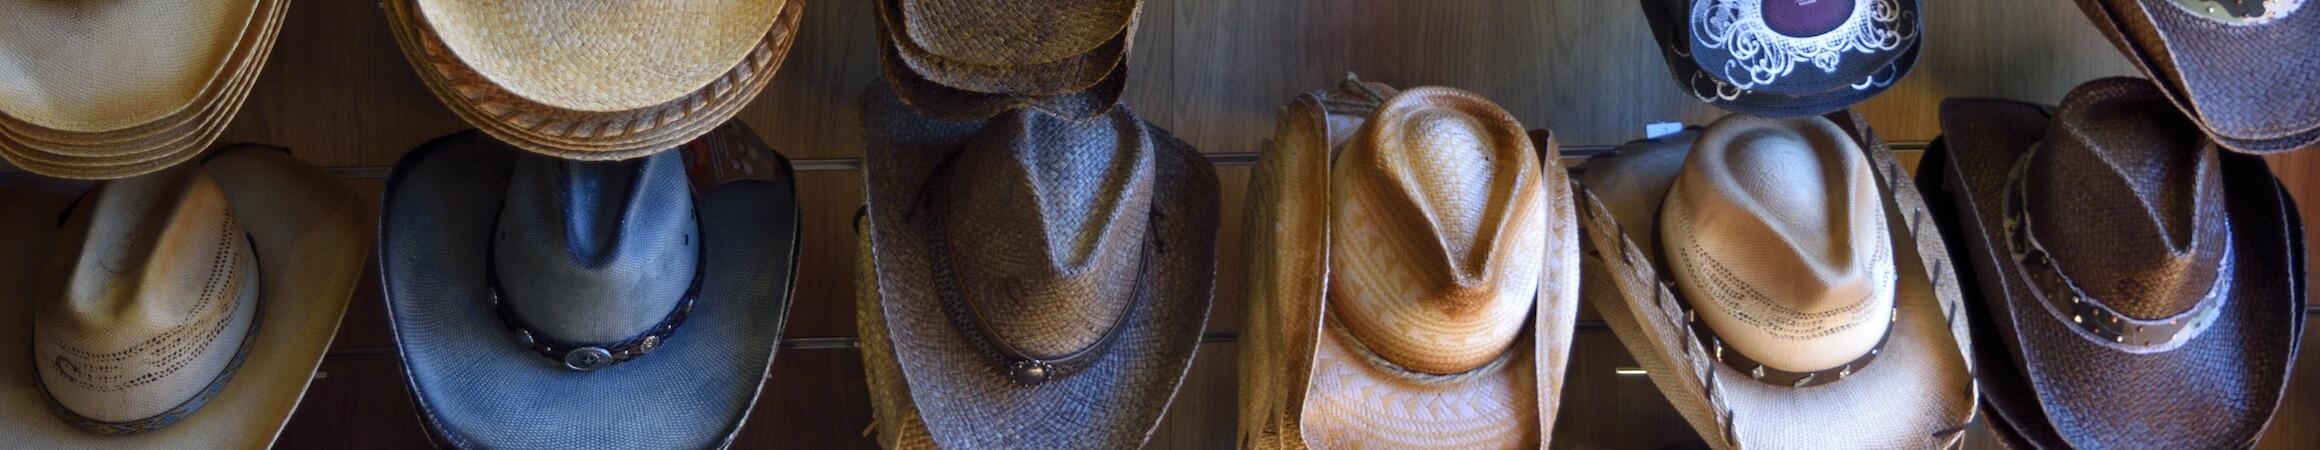 Cowboy Hats 2292987